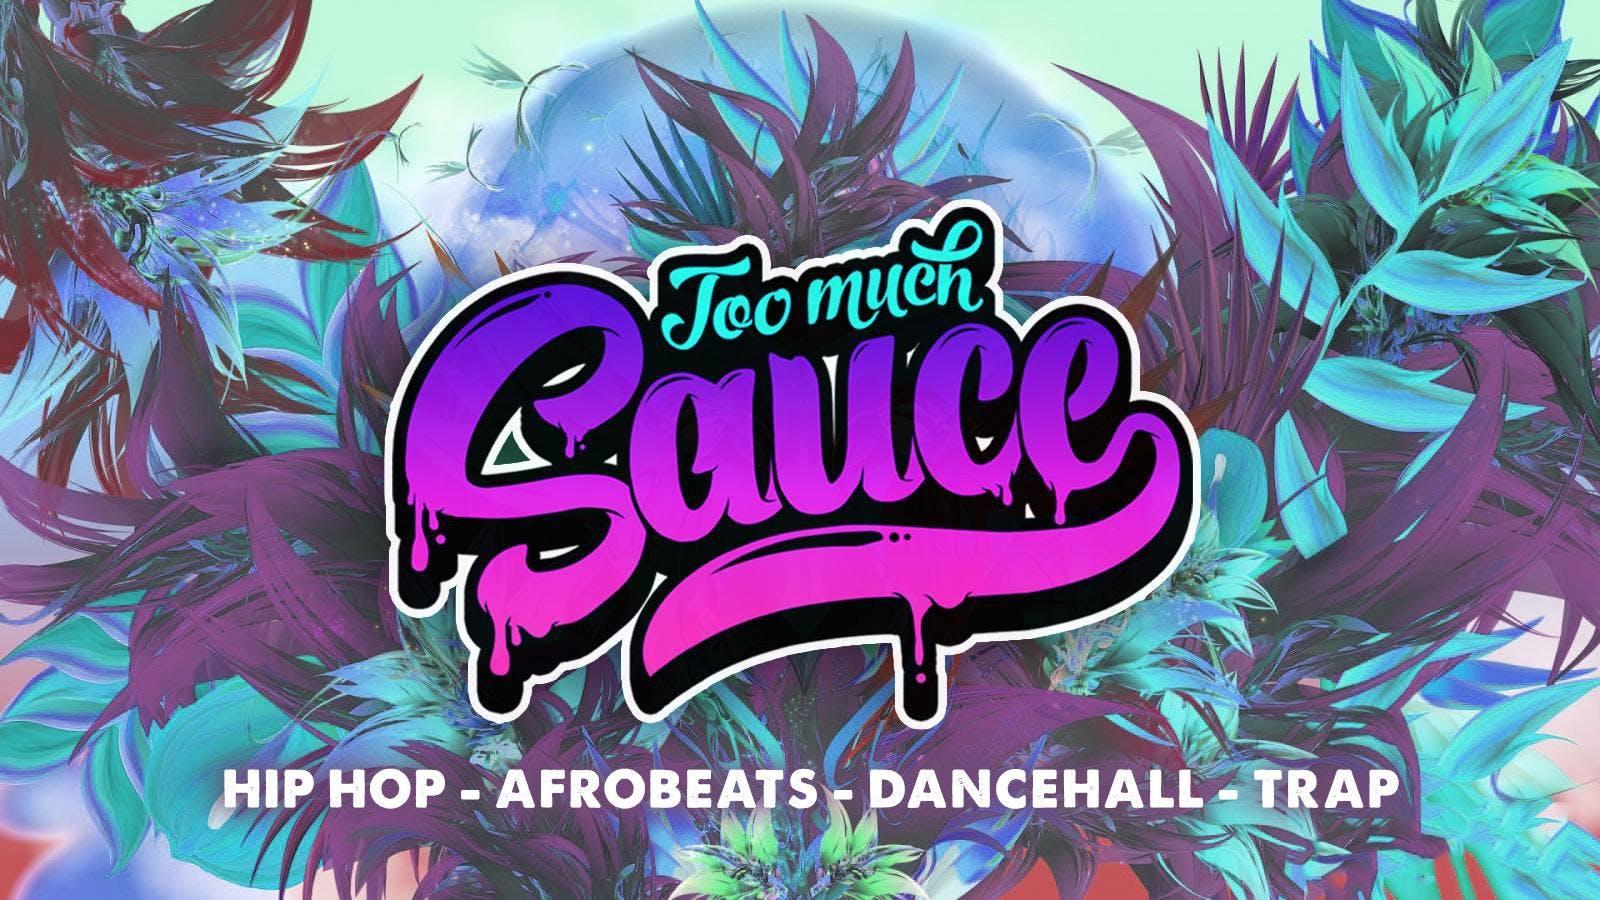 Too Much Sauce - Hip Hop, Afrobeats & Danceha